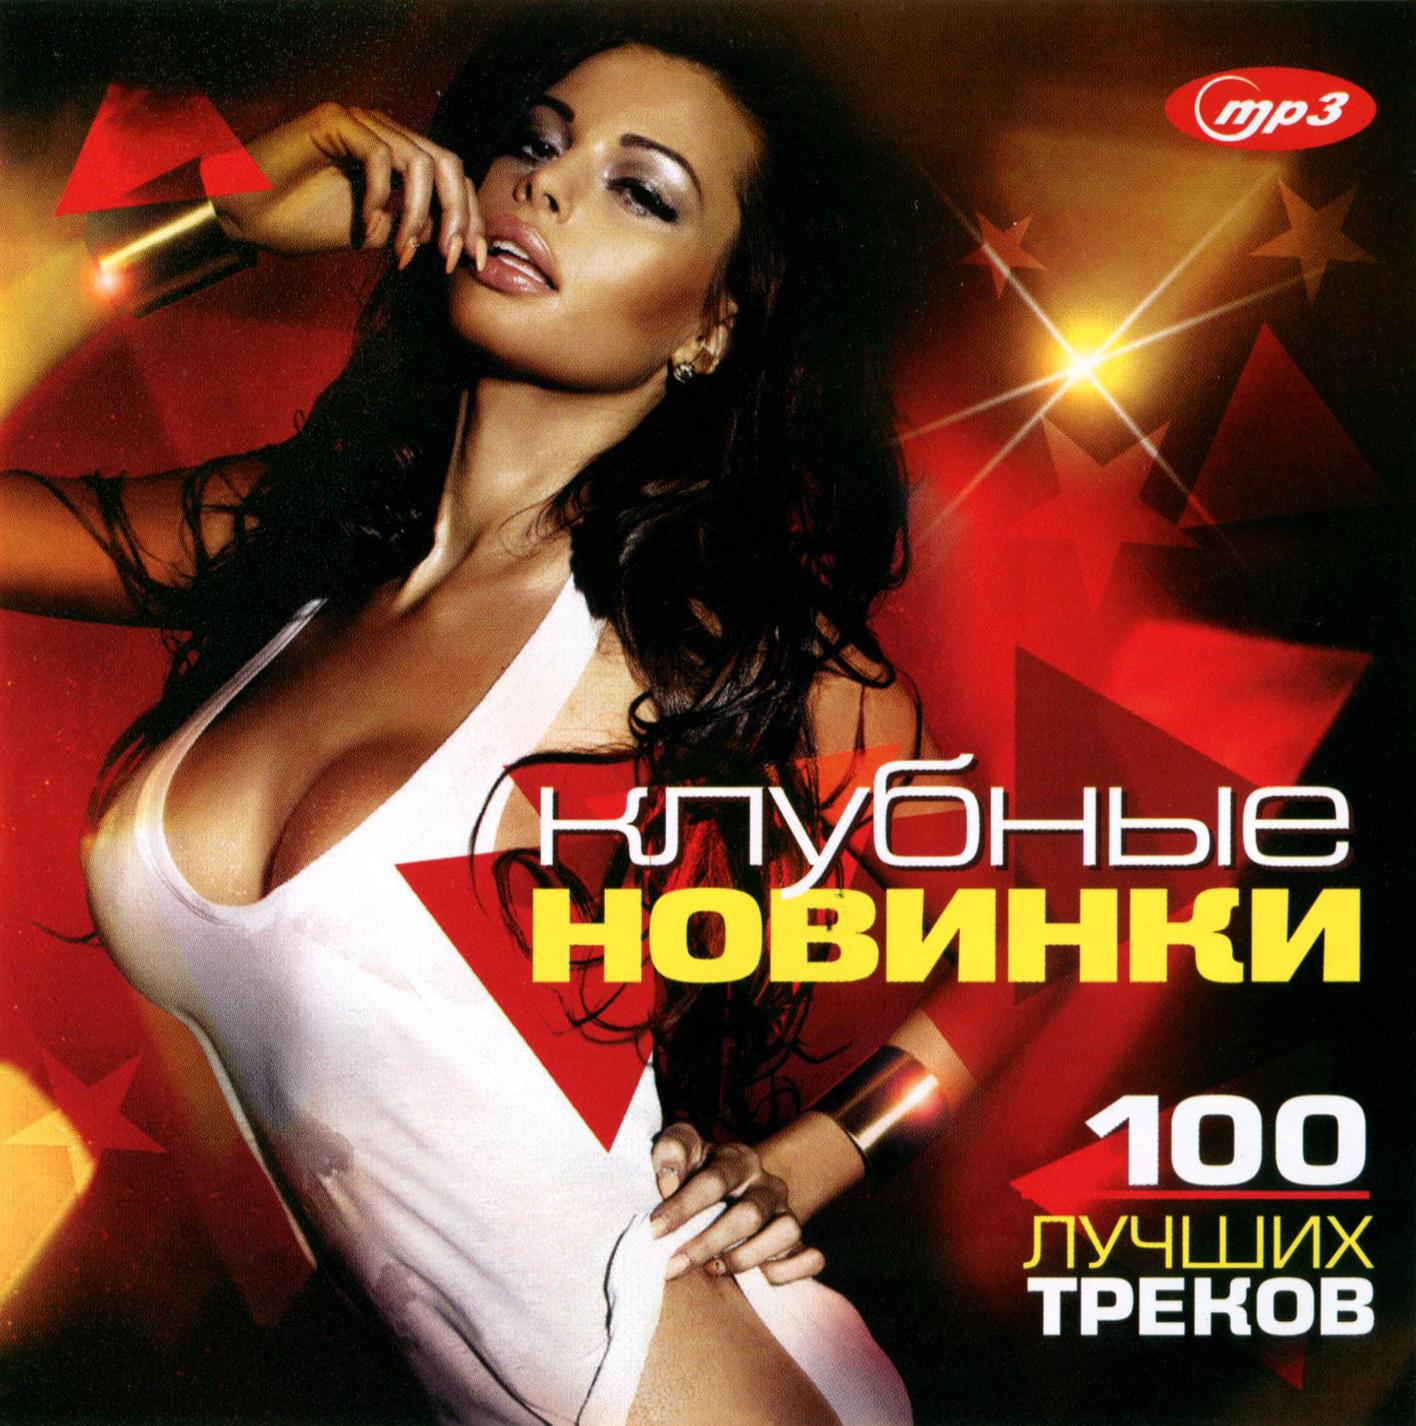 Клубные новинки - 100 лучших треков [mp3]